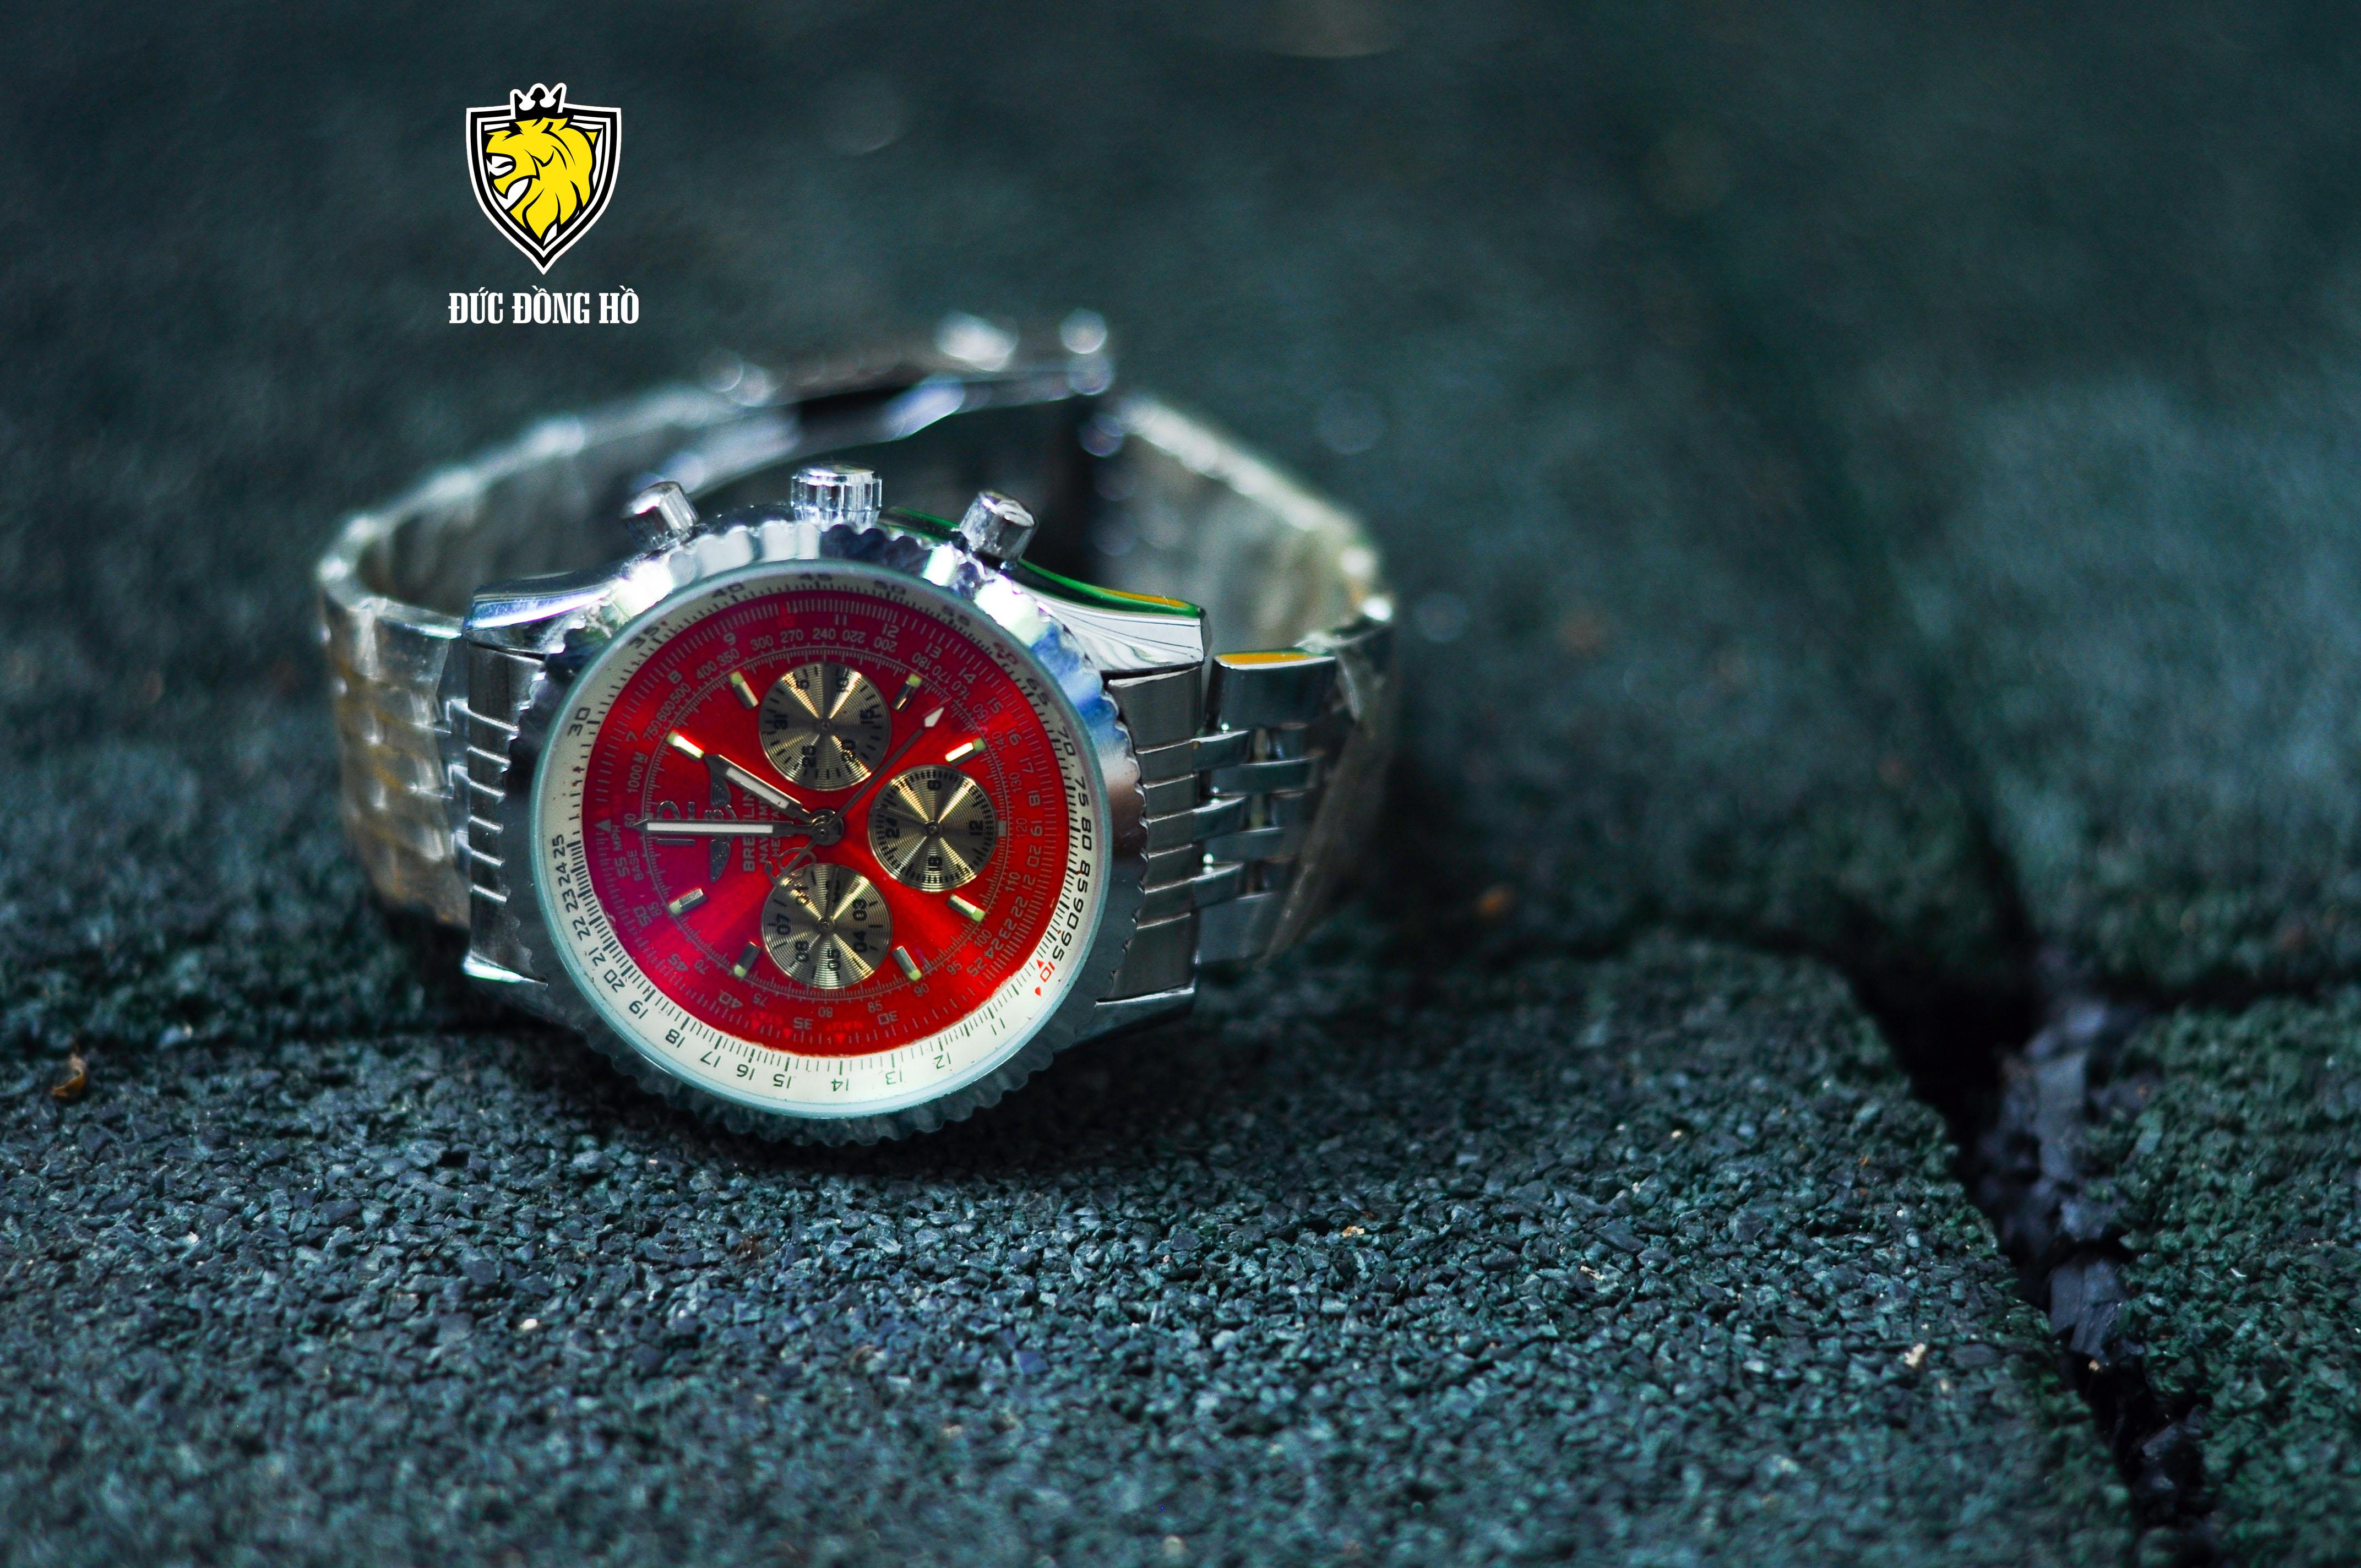 Đồng Hồ Breitling nam 103